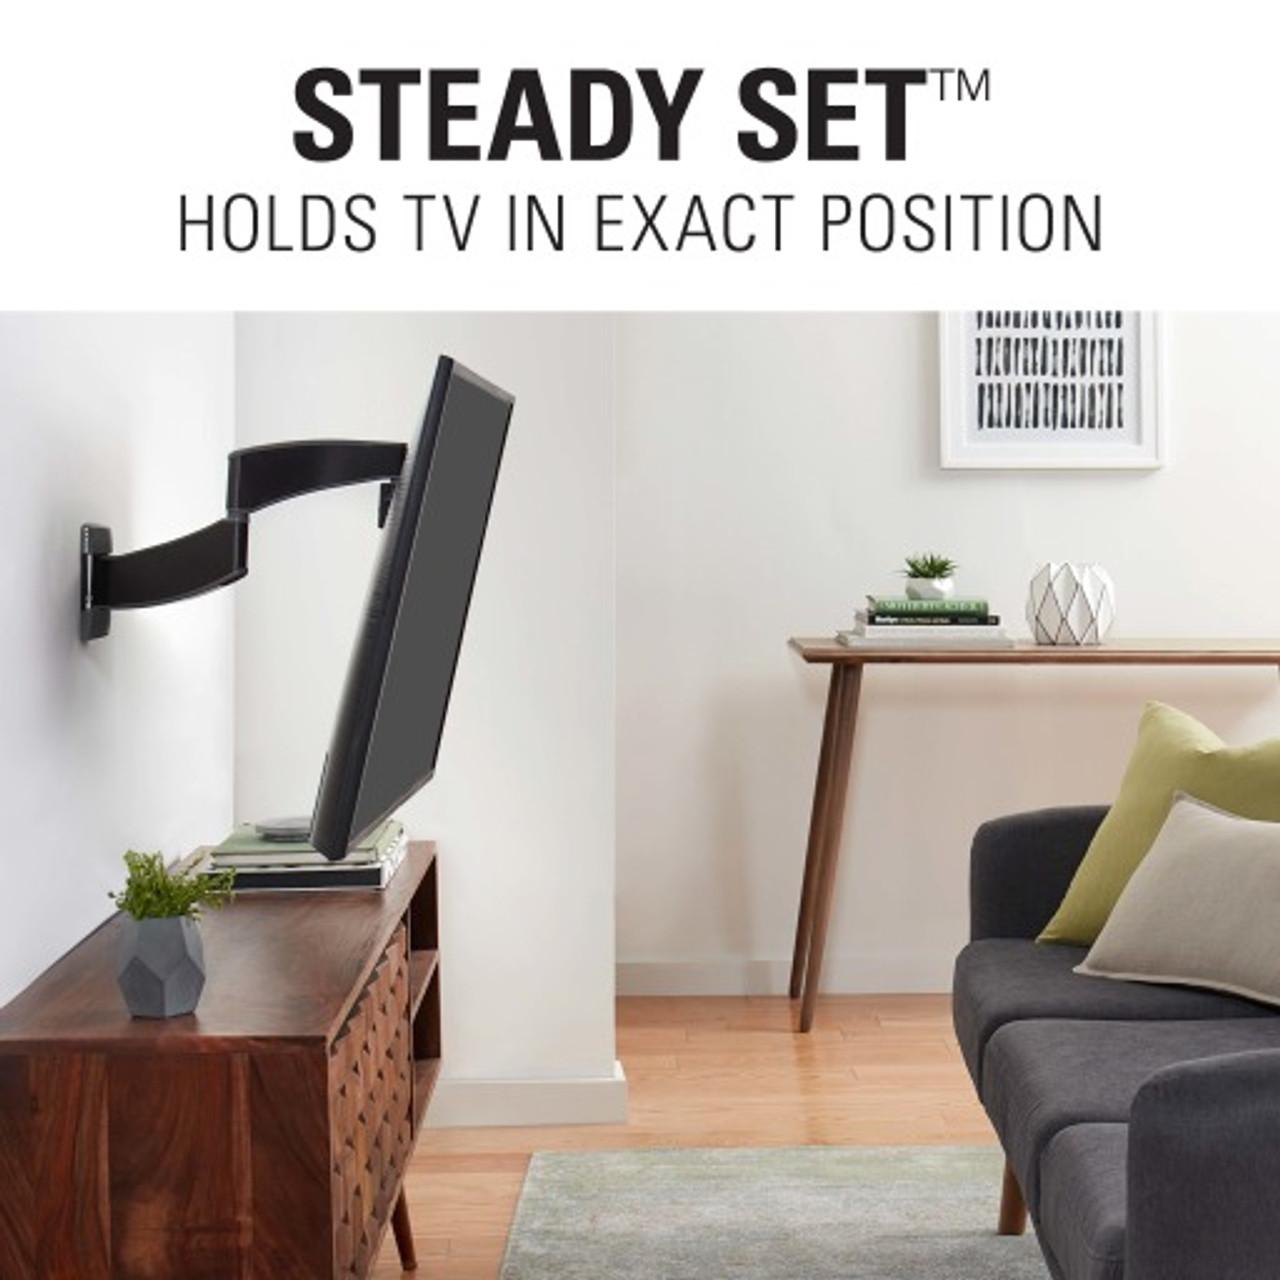 Sanus VSF716-B2 Advanced Full-Motion Premium TV Mount for 19 - 40 Inch TVs